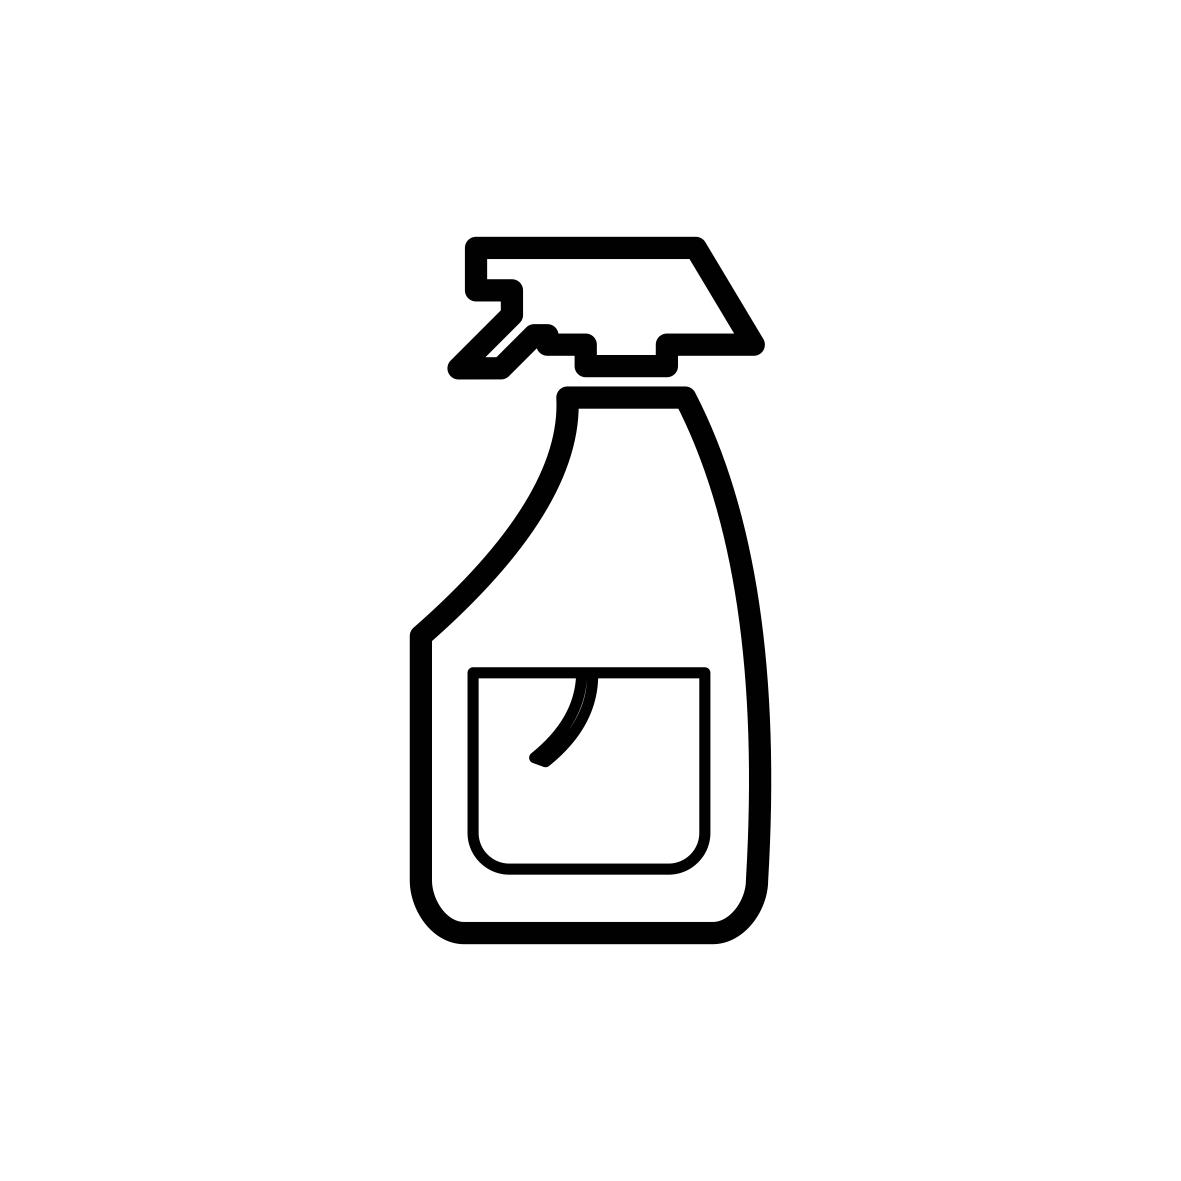 Udržba-a-čištění-potahů-21